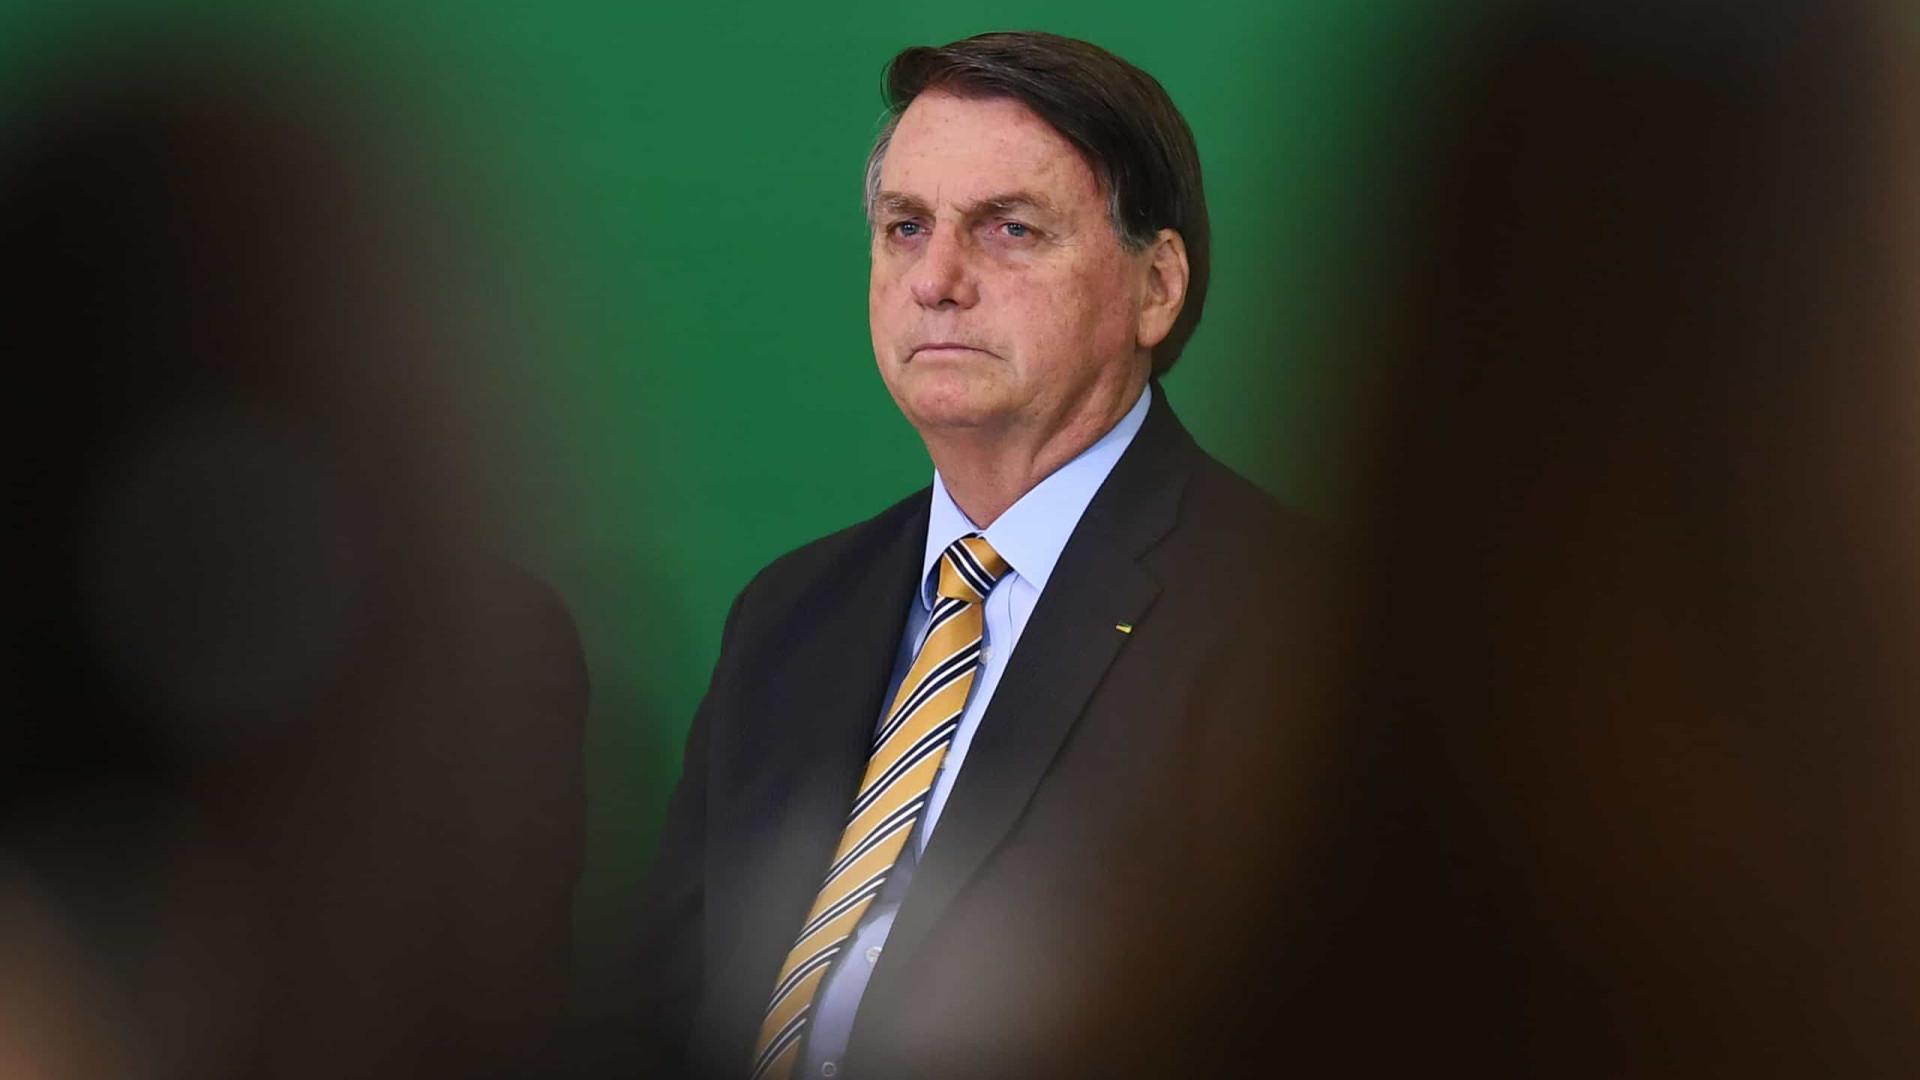 'Apagão' no Portal da Transparência aumenta suspeita sobre gastos, diz senador